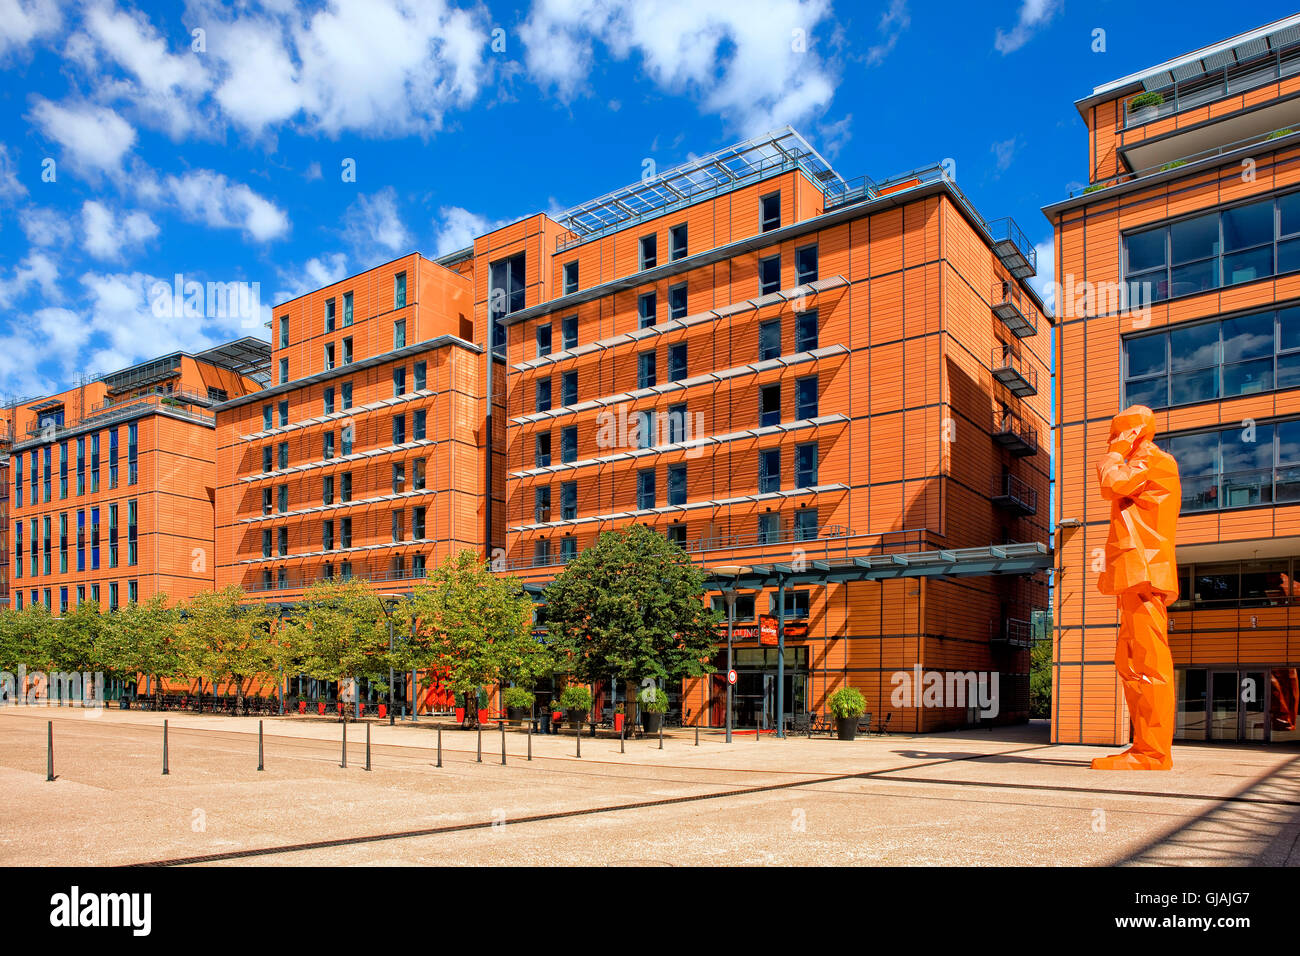 La arquitectura moderna en el cite Internatinale en Lyon, Francia. Imagen De Stock